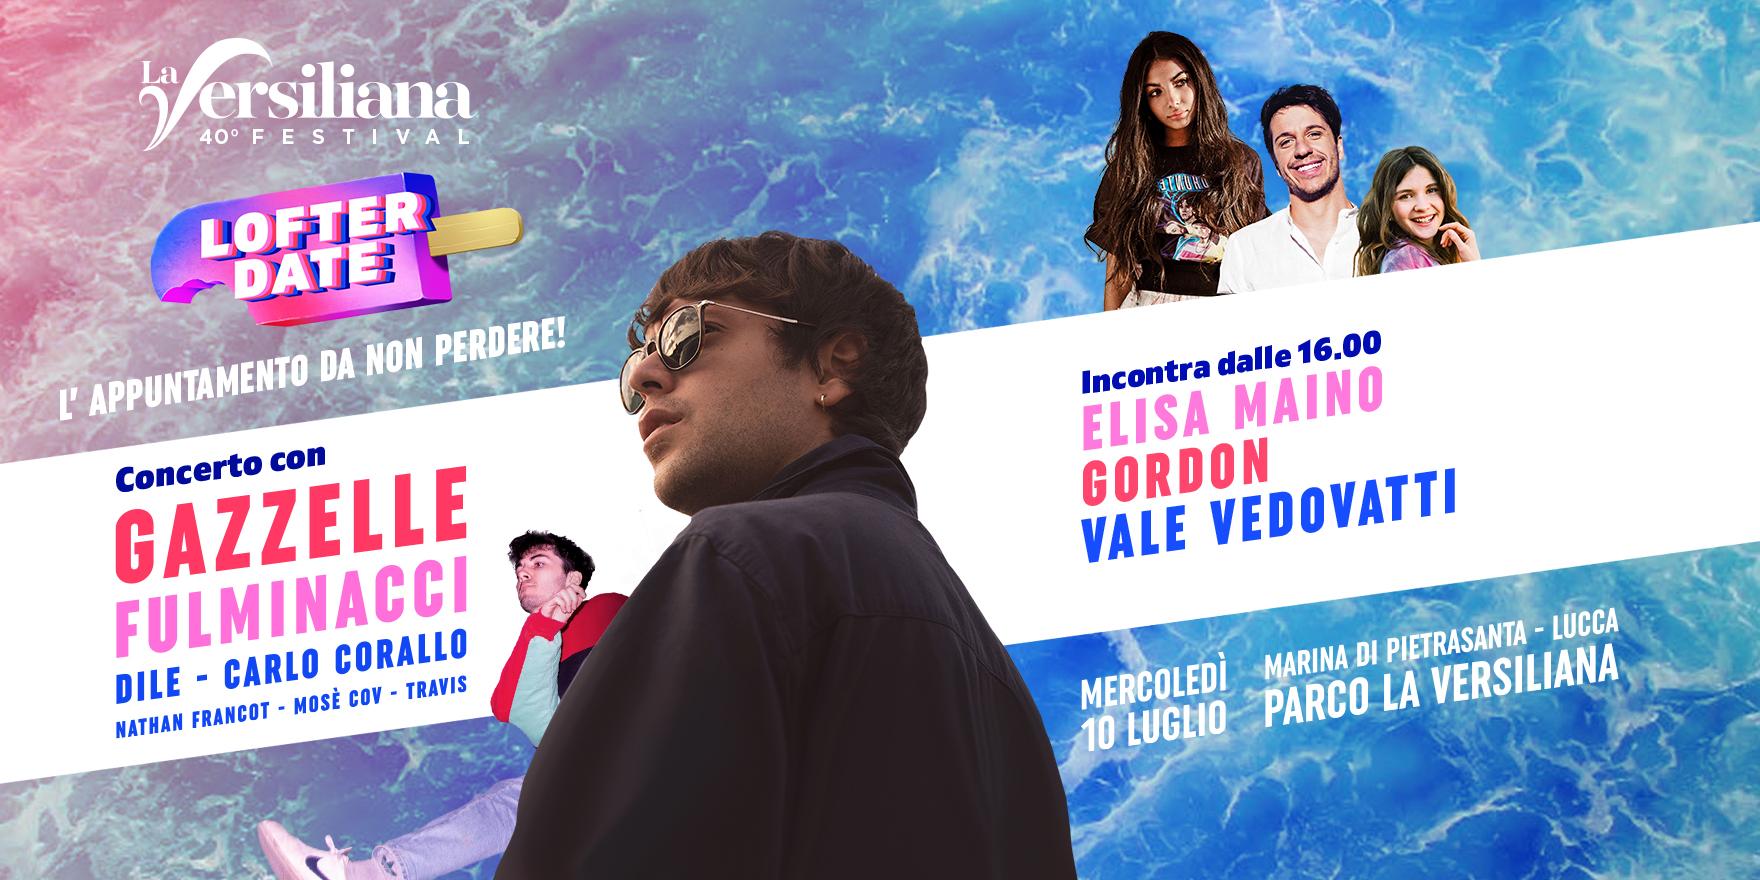 Lofter Date, spostato al 27 agosto alla Versiliana il concerto-evento con Gazzelle, Fulminacci e le webstar del momento